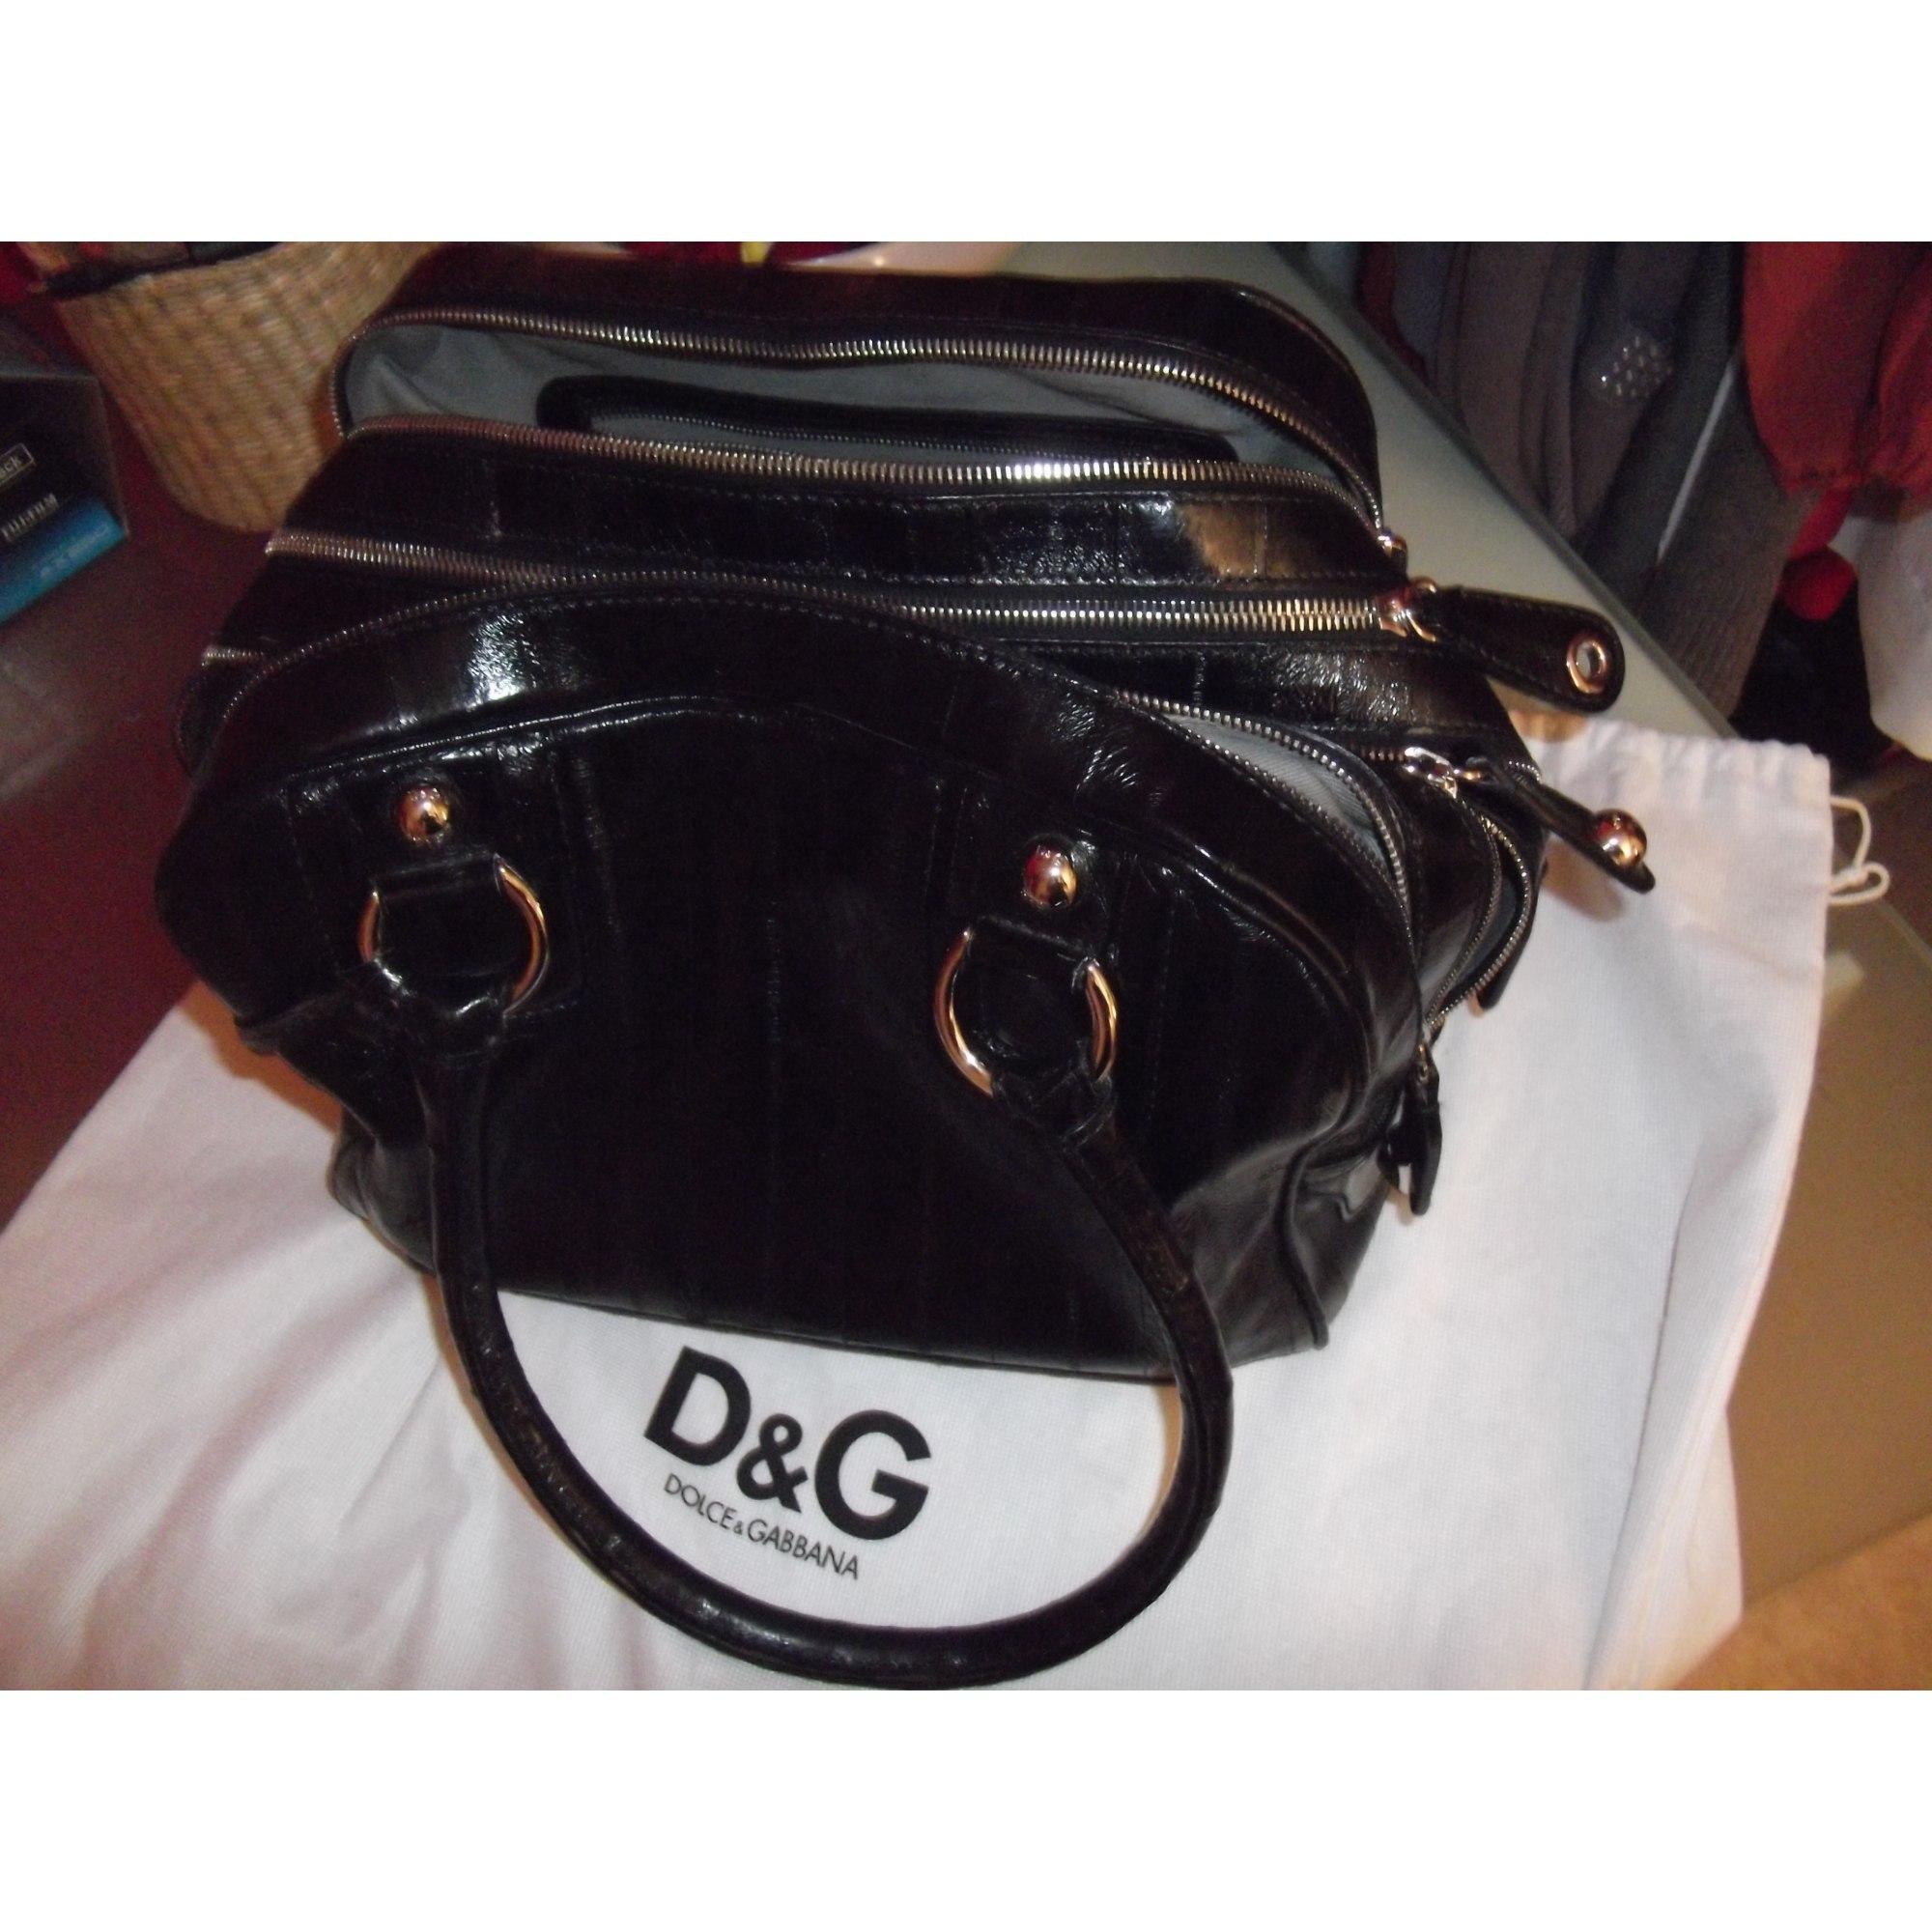 Sac à main en cuir DOLCE   GABBANA noir vendu par Musicbox6756414 ... 9cf37383685a